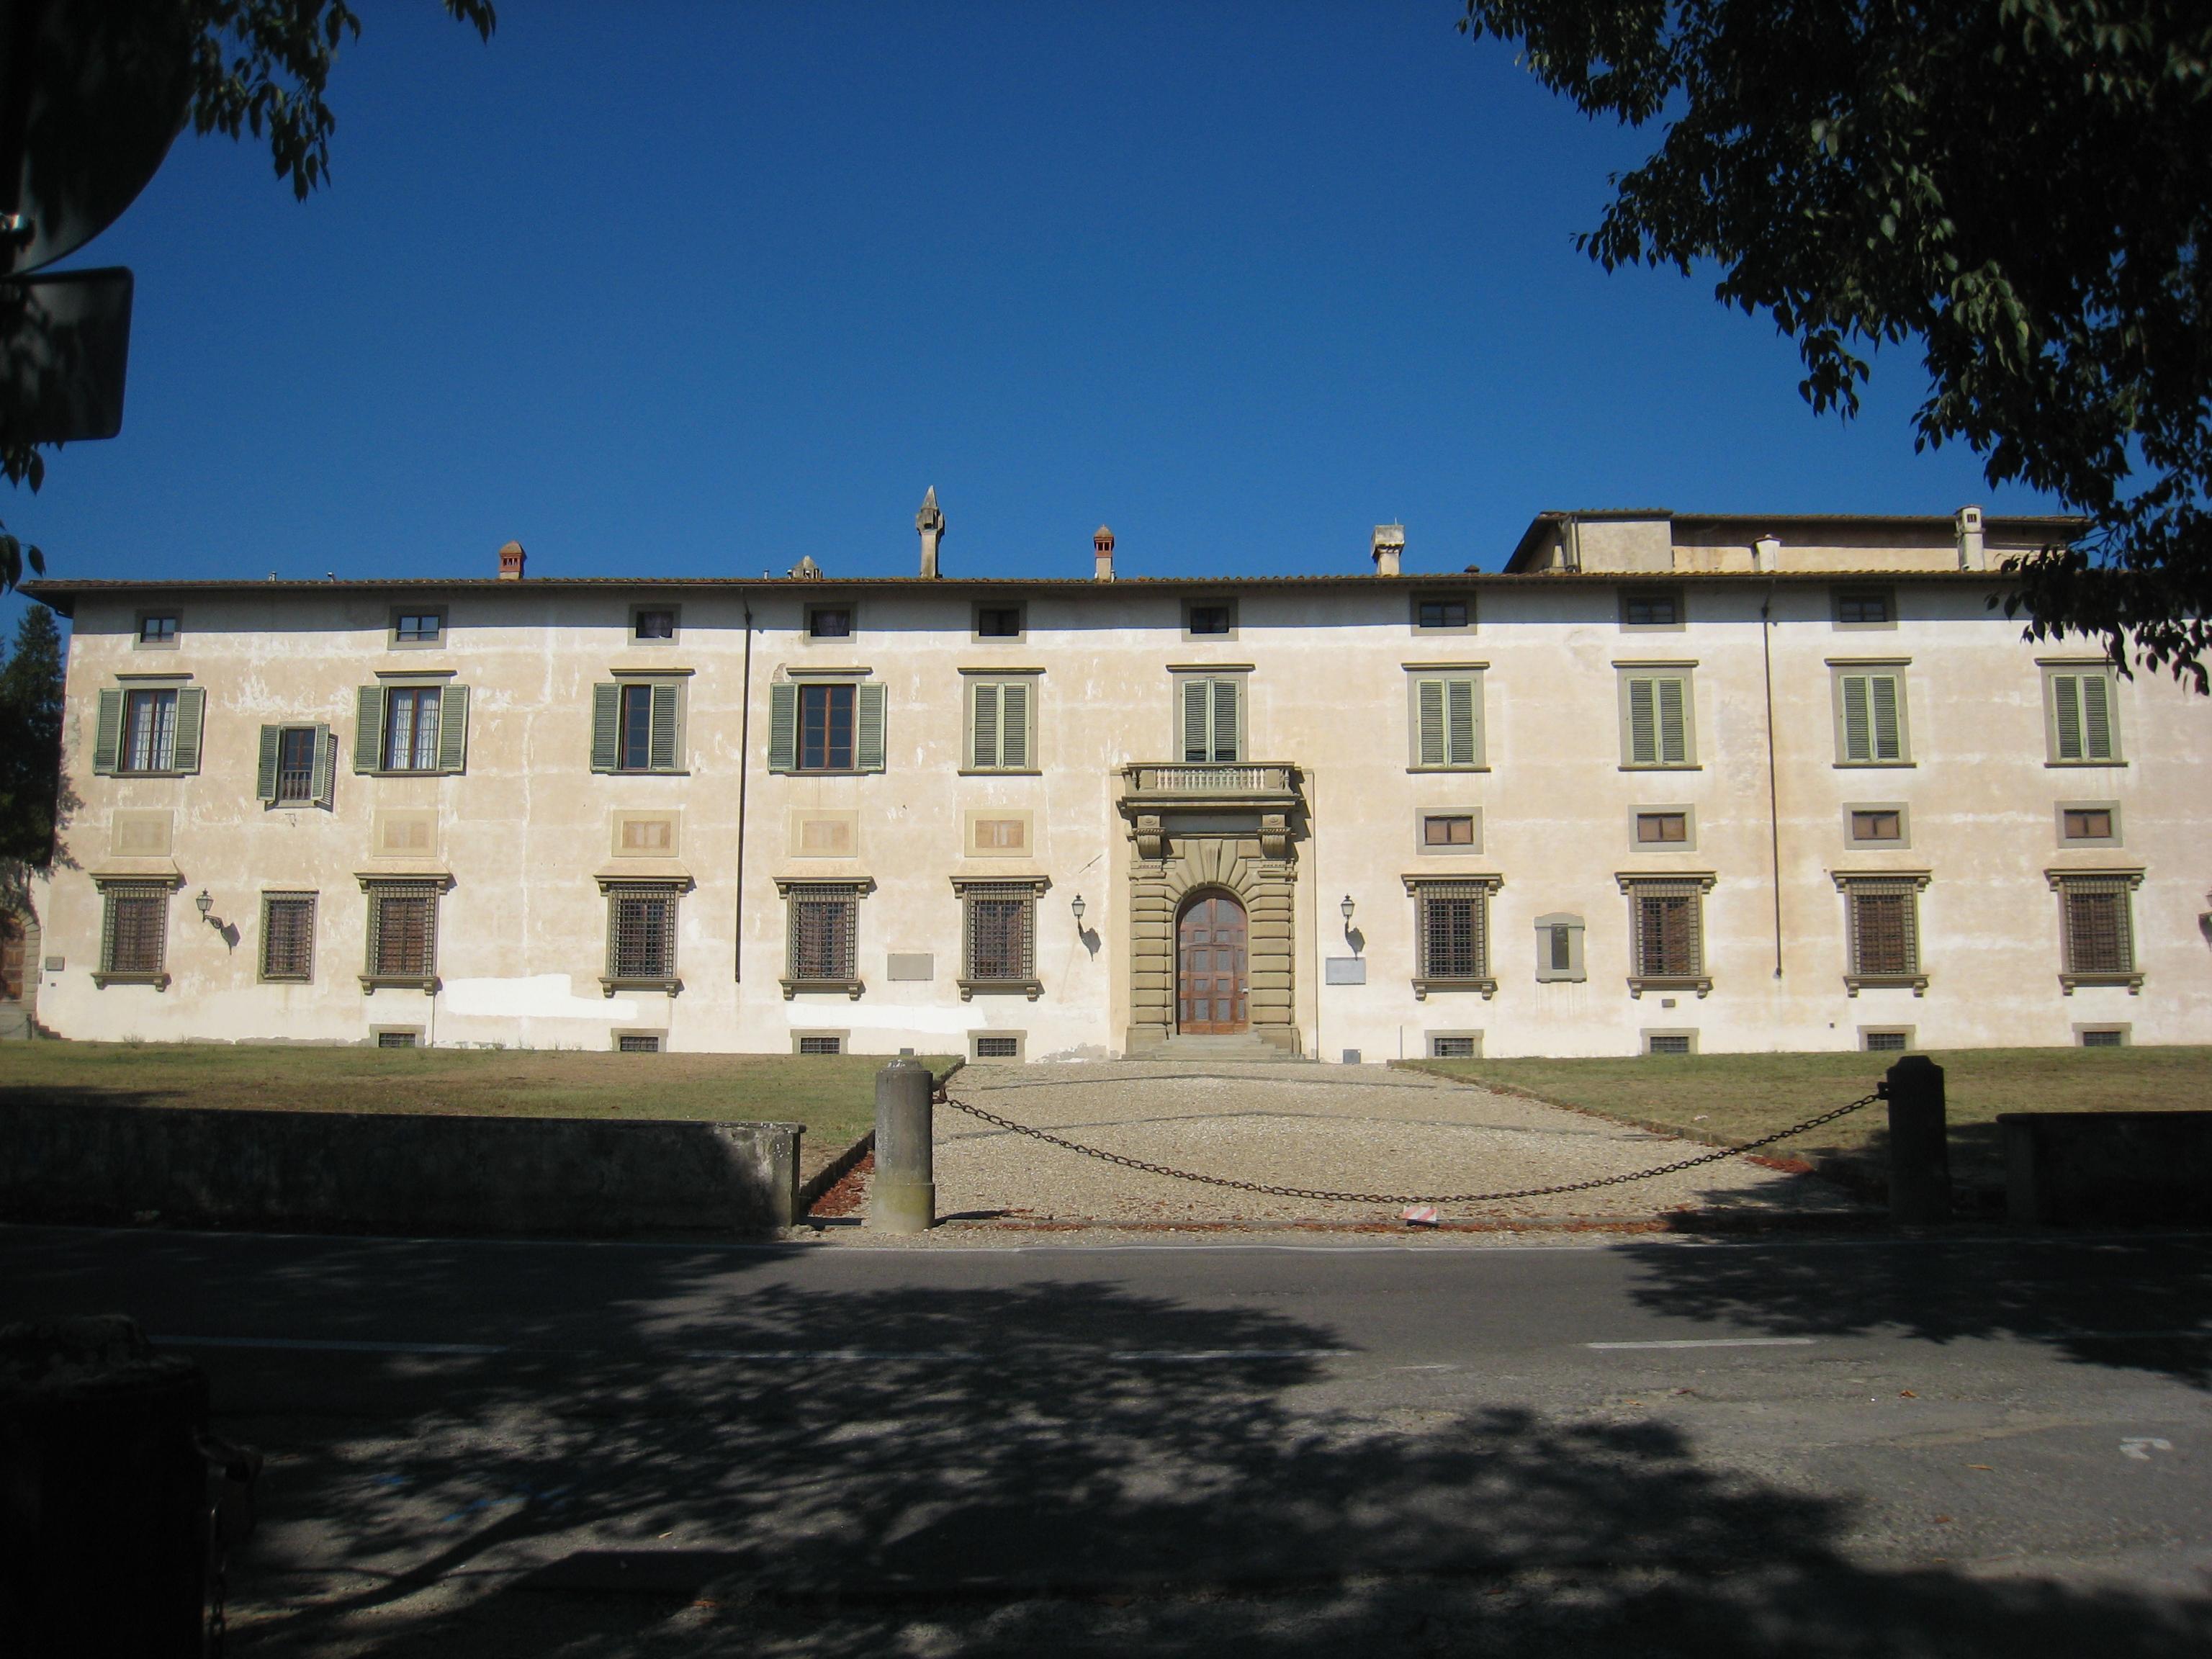 villa-medicea-di-castello-facciata-vista-frontale-